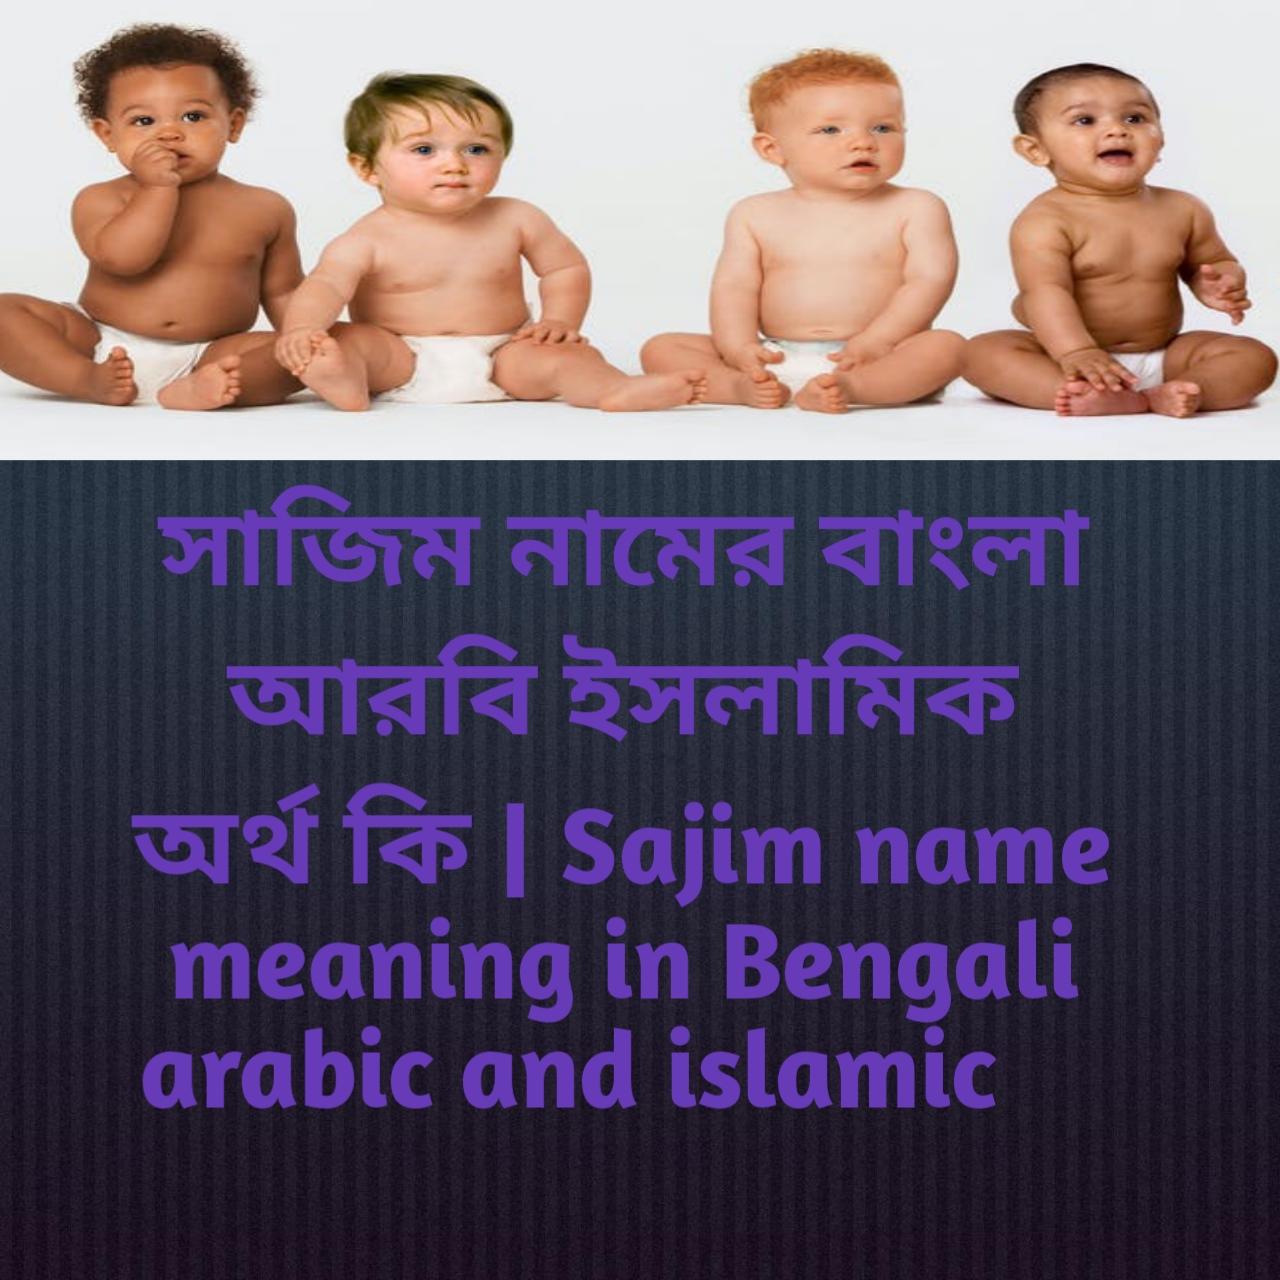 সাজিম নামের অর্থ কি, সাজিম নামের বাংলা অর্থ কি, সাজিম নামের ইসলামিক অর্থ কি, Sajim name meaning in Bengali, সাজিম কি ইসলামিক নাম,